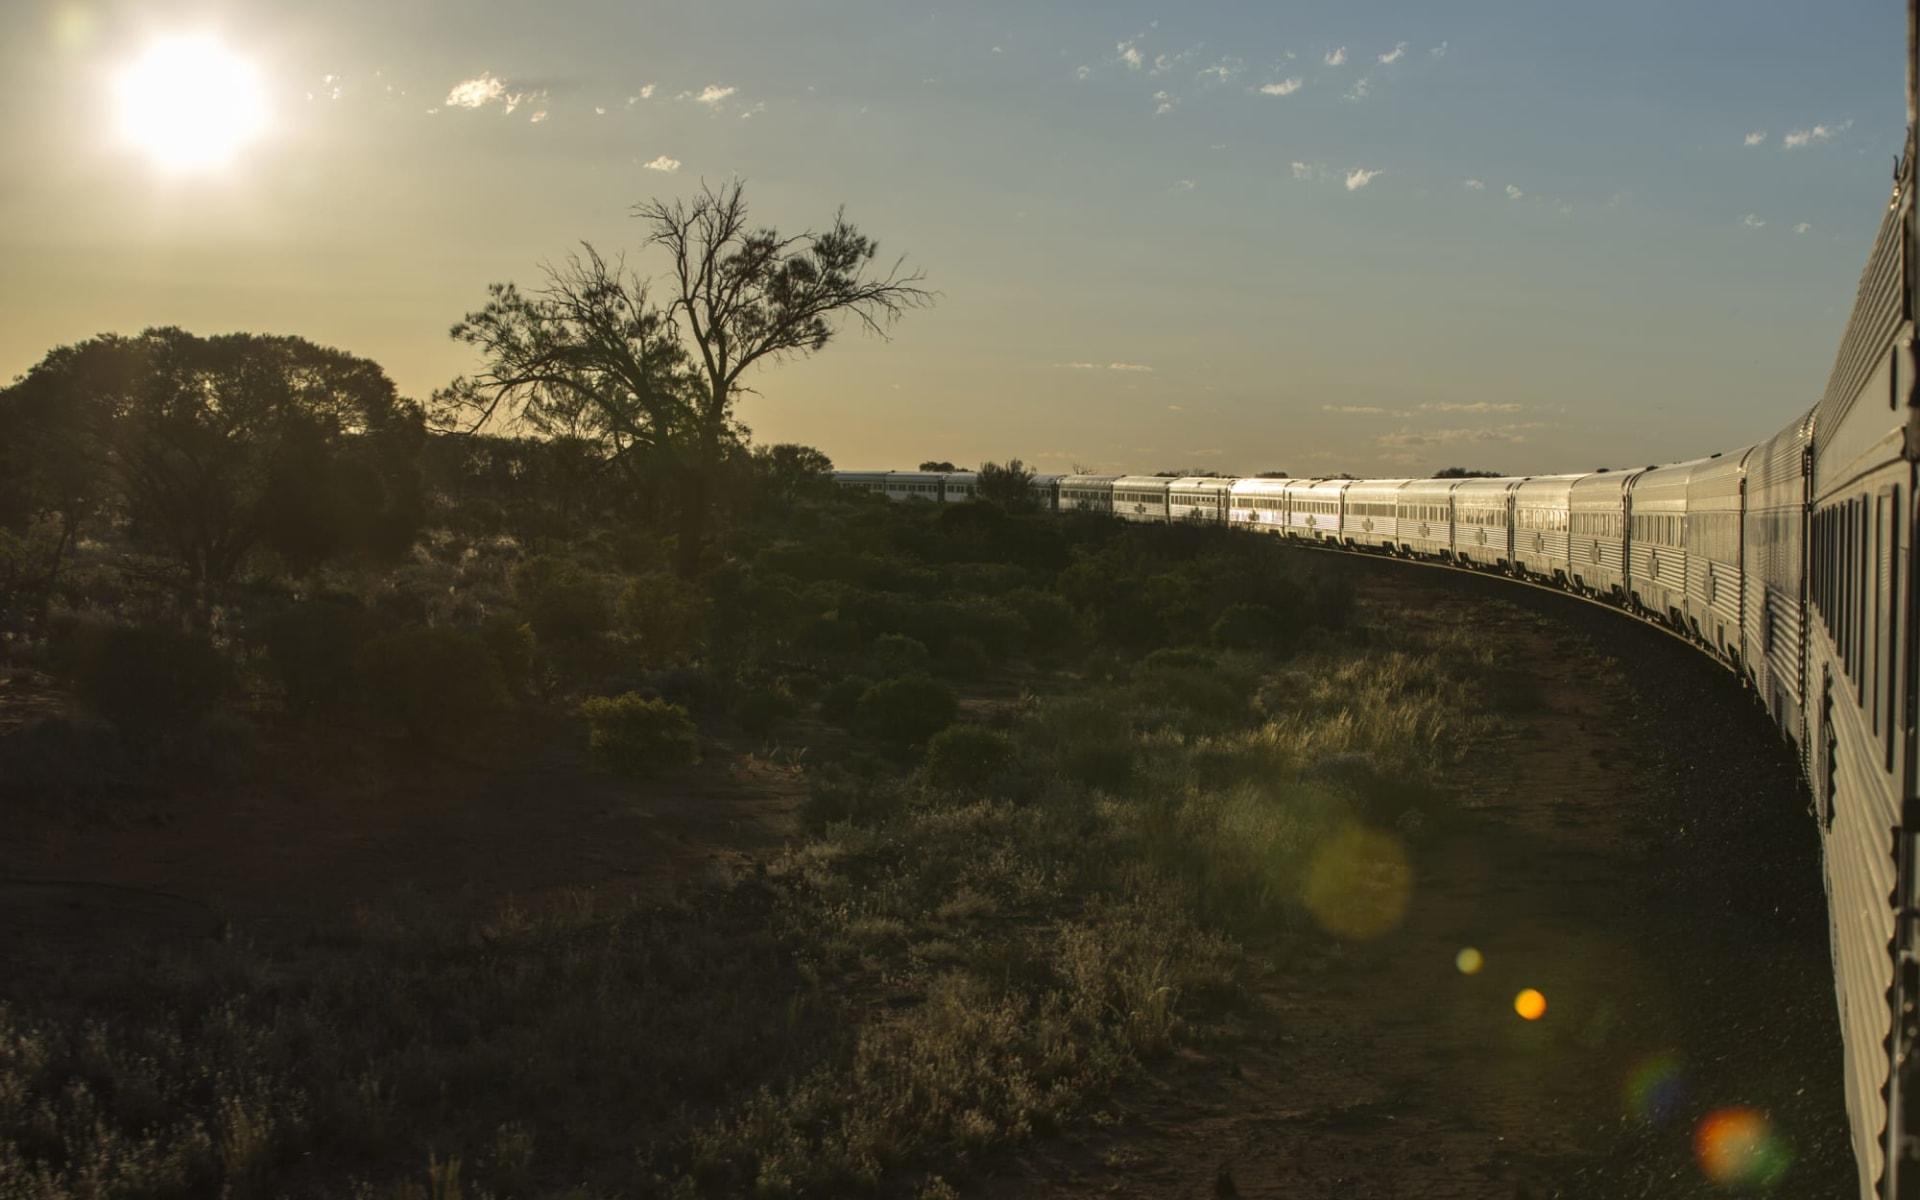 Indian Pacific von Adelaide nach Sydney: Australien - Bahnreisen - Indian Pacific mit Sonne